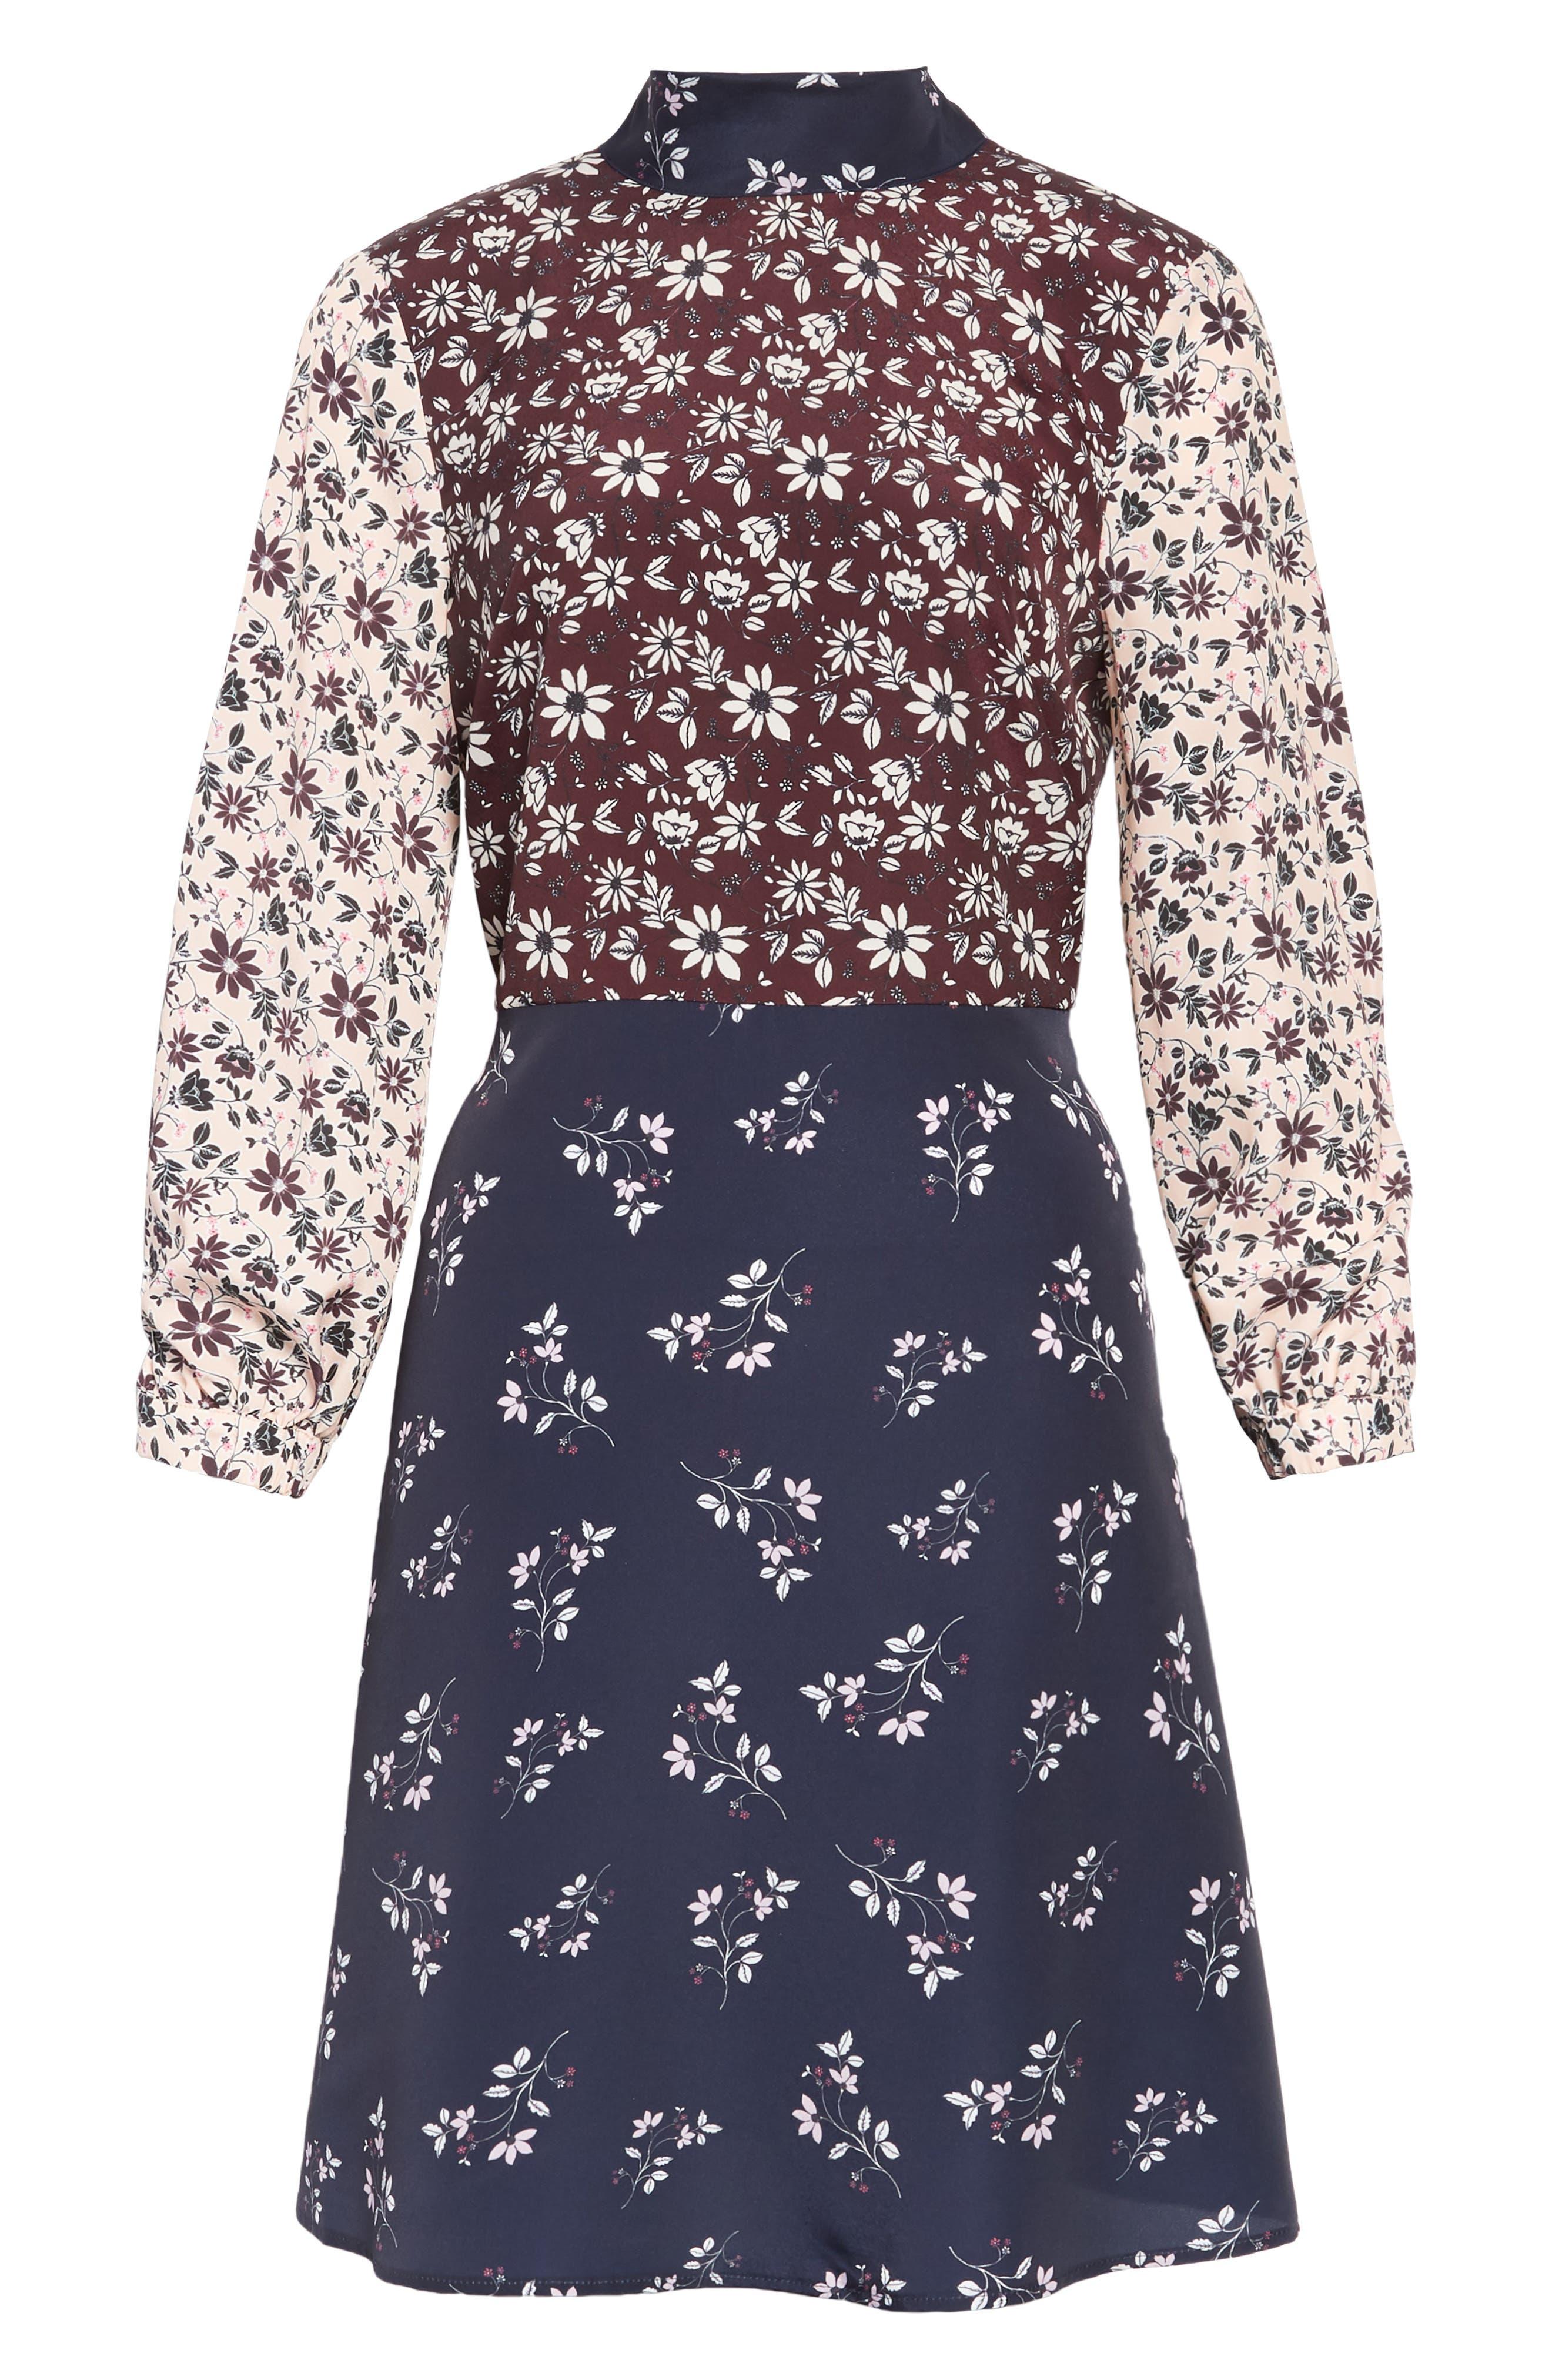 Colorblock Floral Woven Dress,                             Alternate thumbnail 7, color,                             400